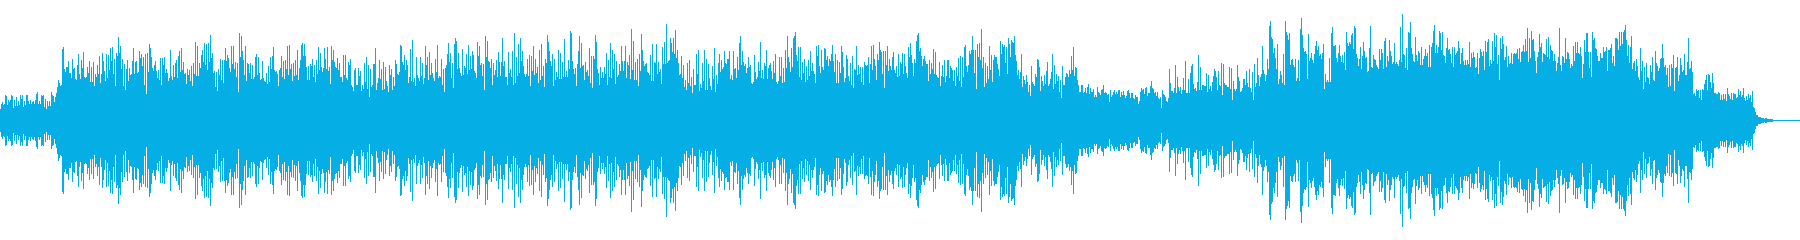 アップテンポで力強い沖縄ソングの再生済みの波形